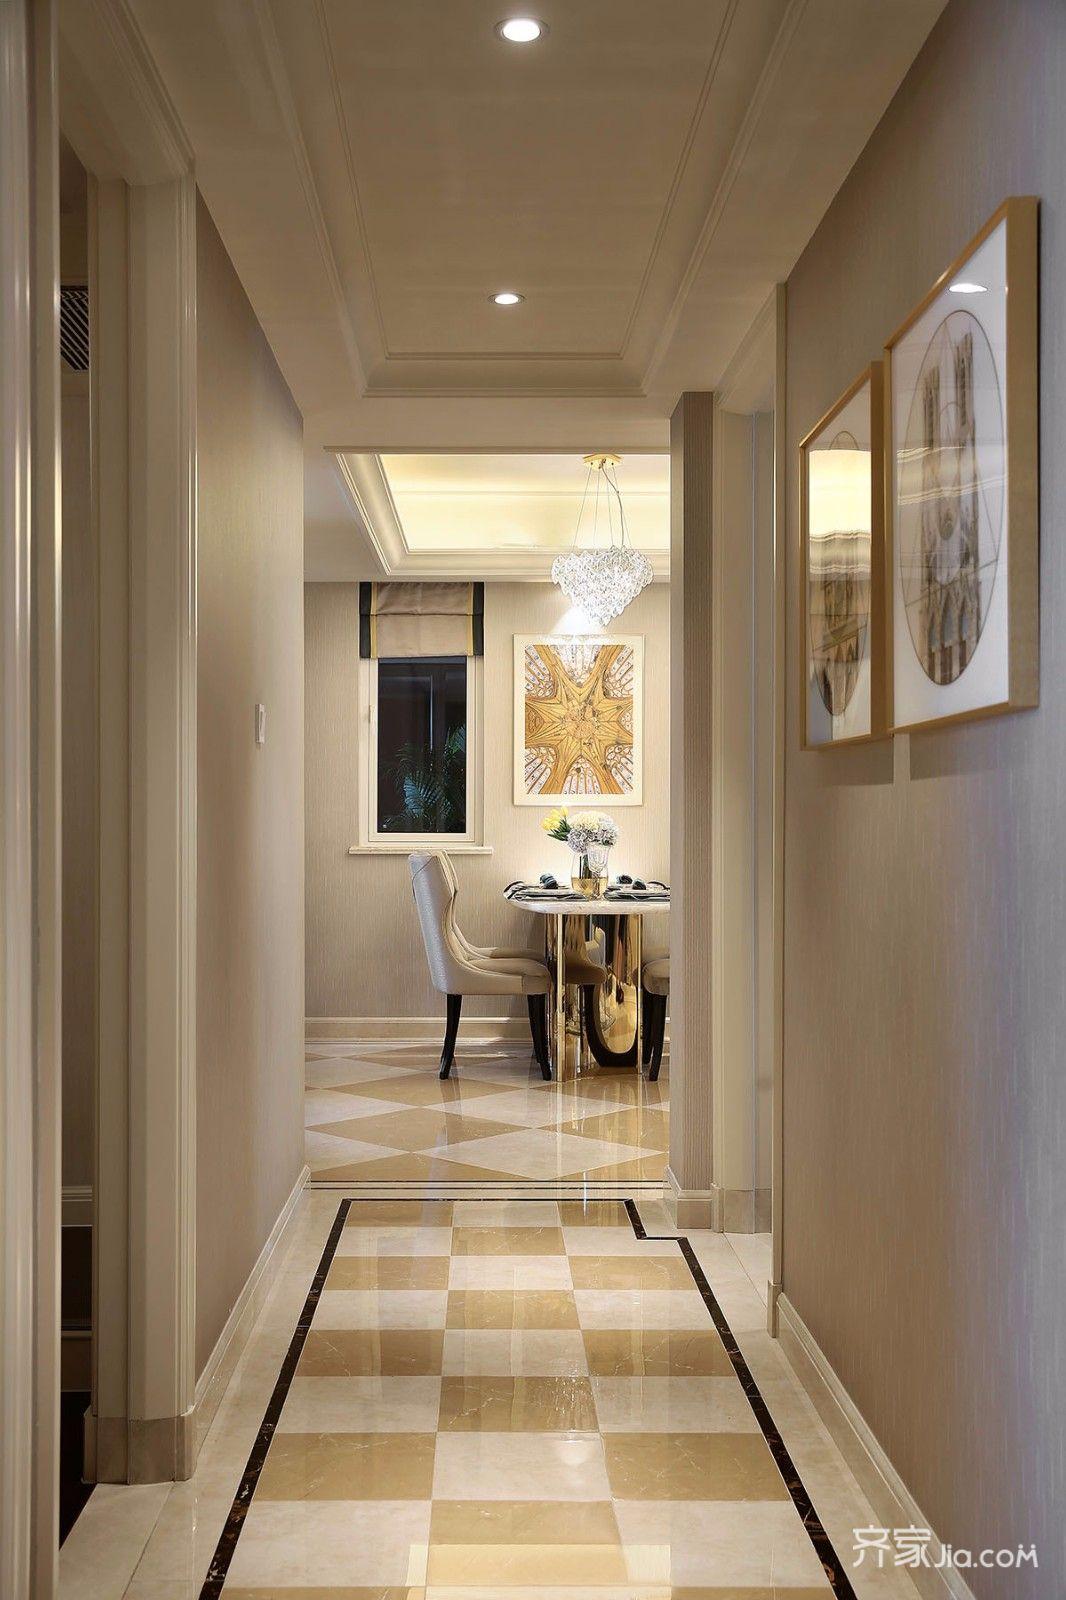 武汉装修案例 轻奢有度   客厅 轻奢主义,低调的奢华,质感很强 拼花地图片